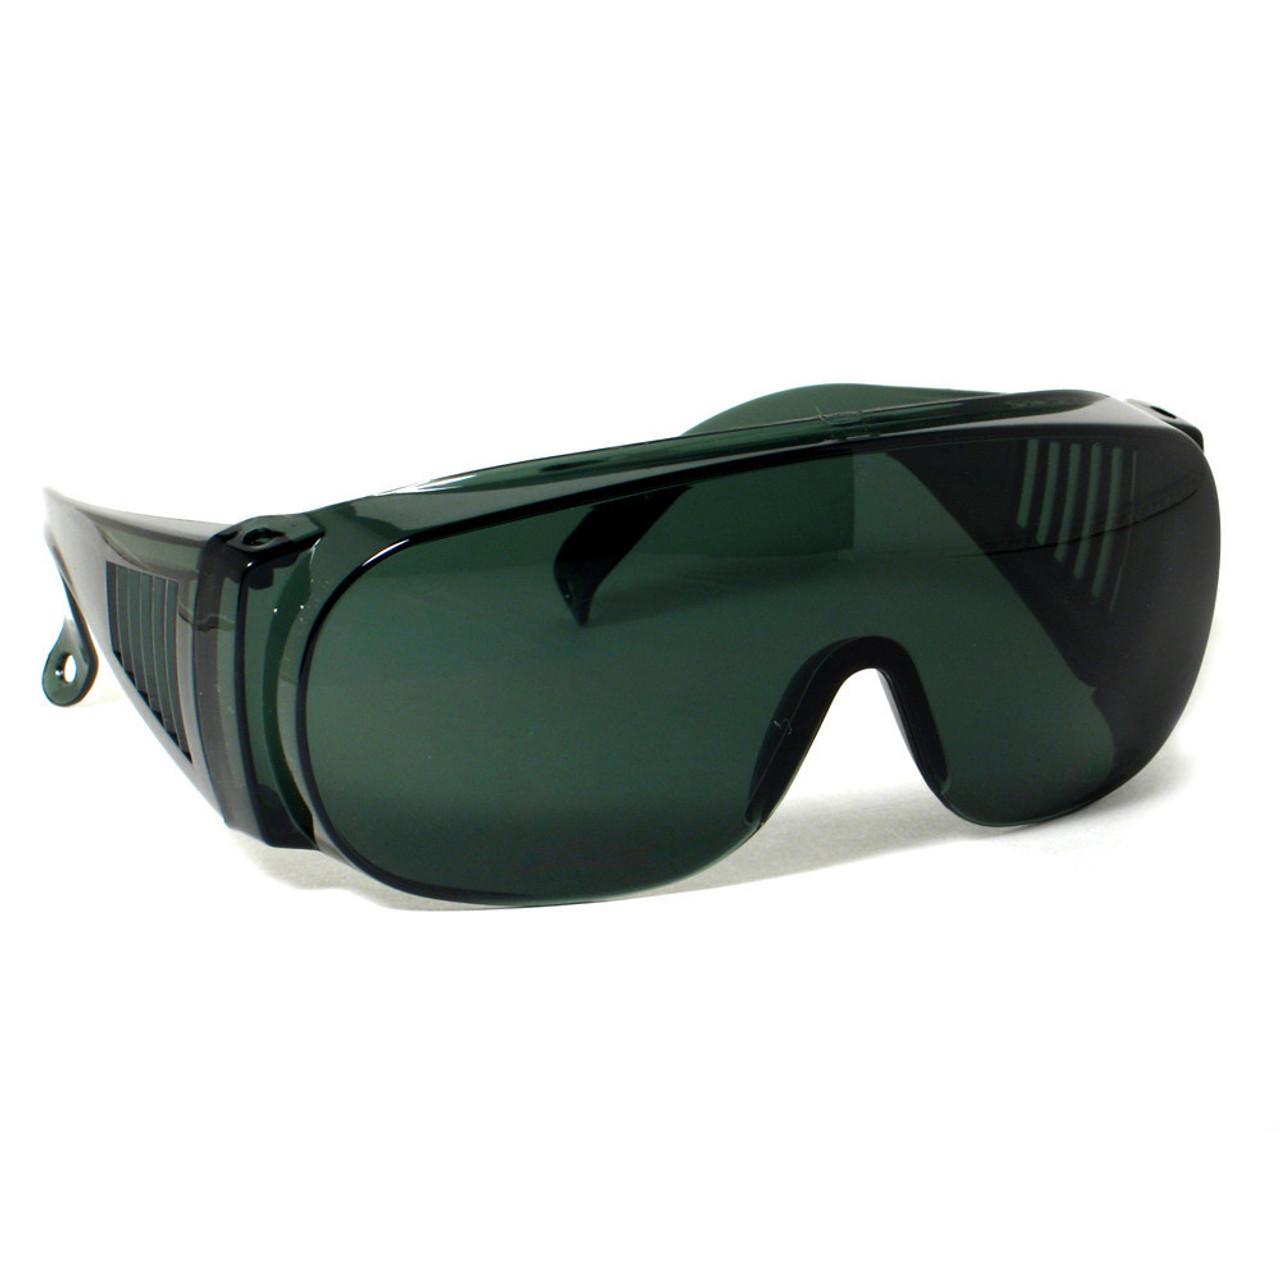 Green (G)